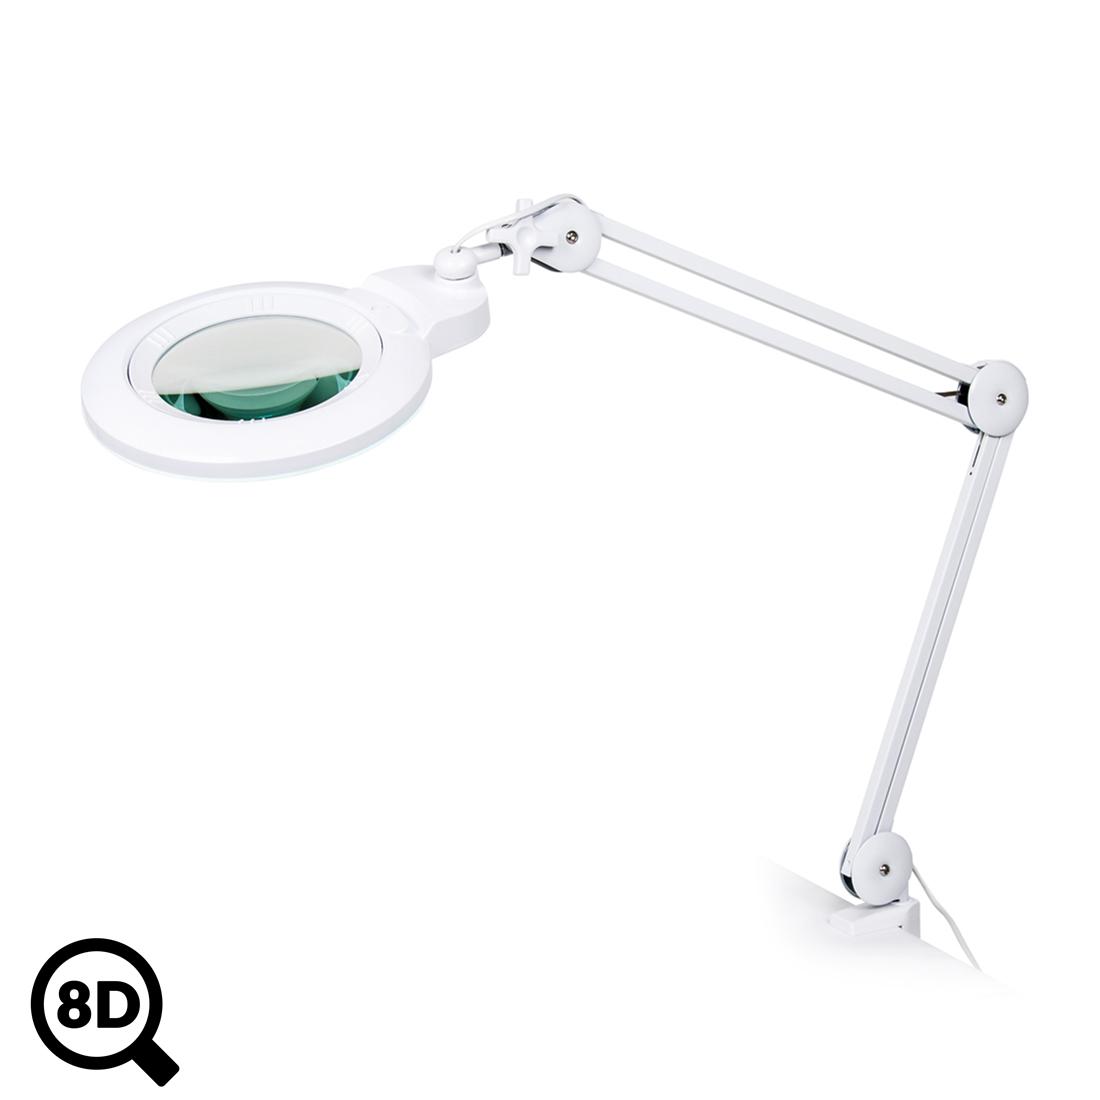 Pracovní LED lampa s lupou IB-150, průměr 150mm, 8D